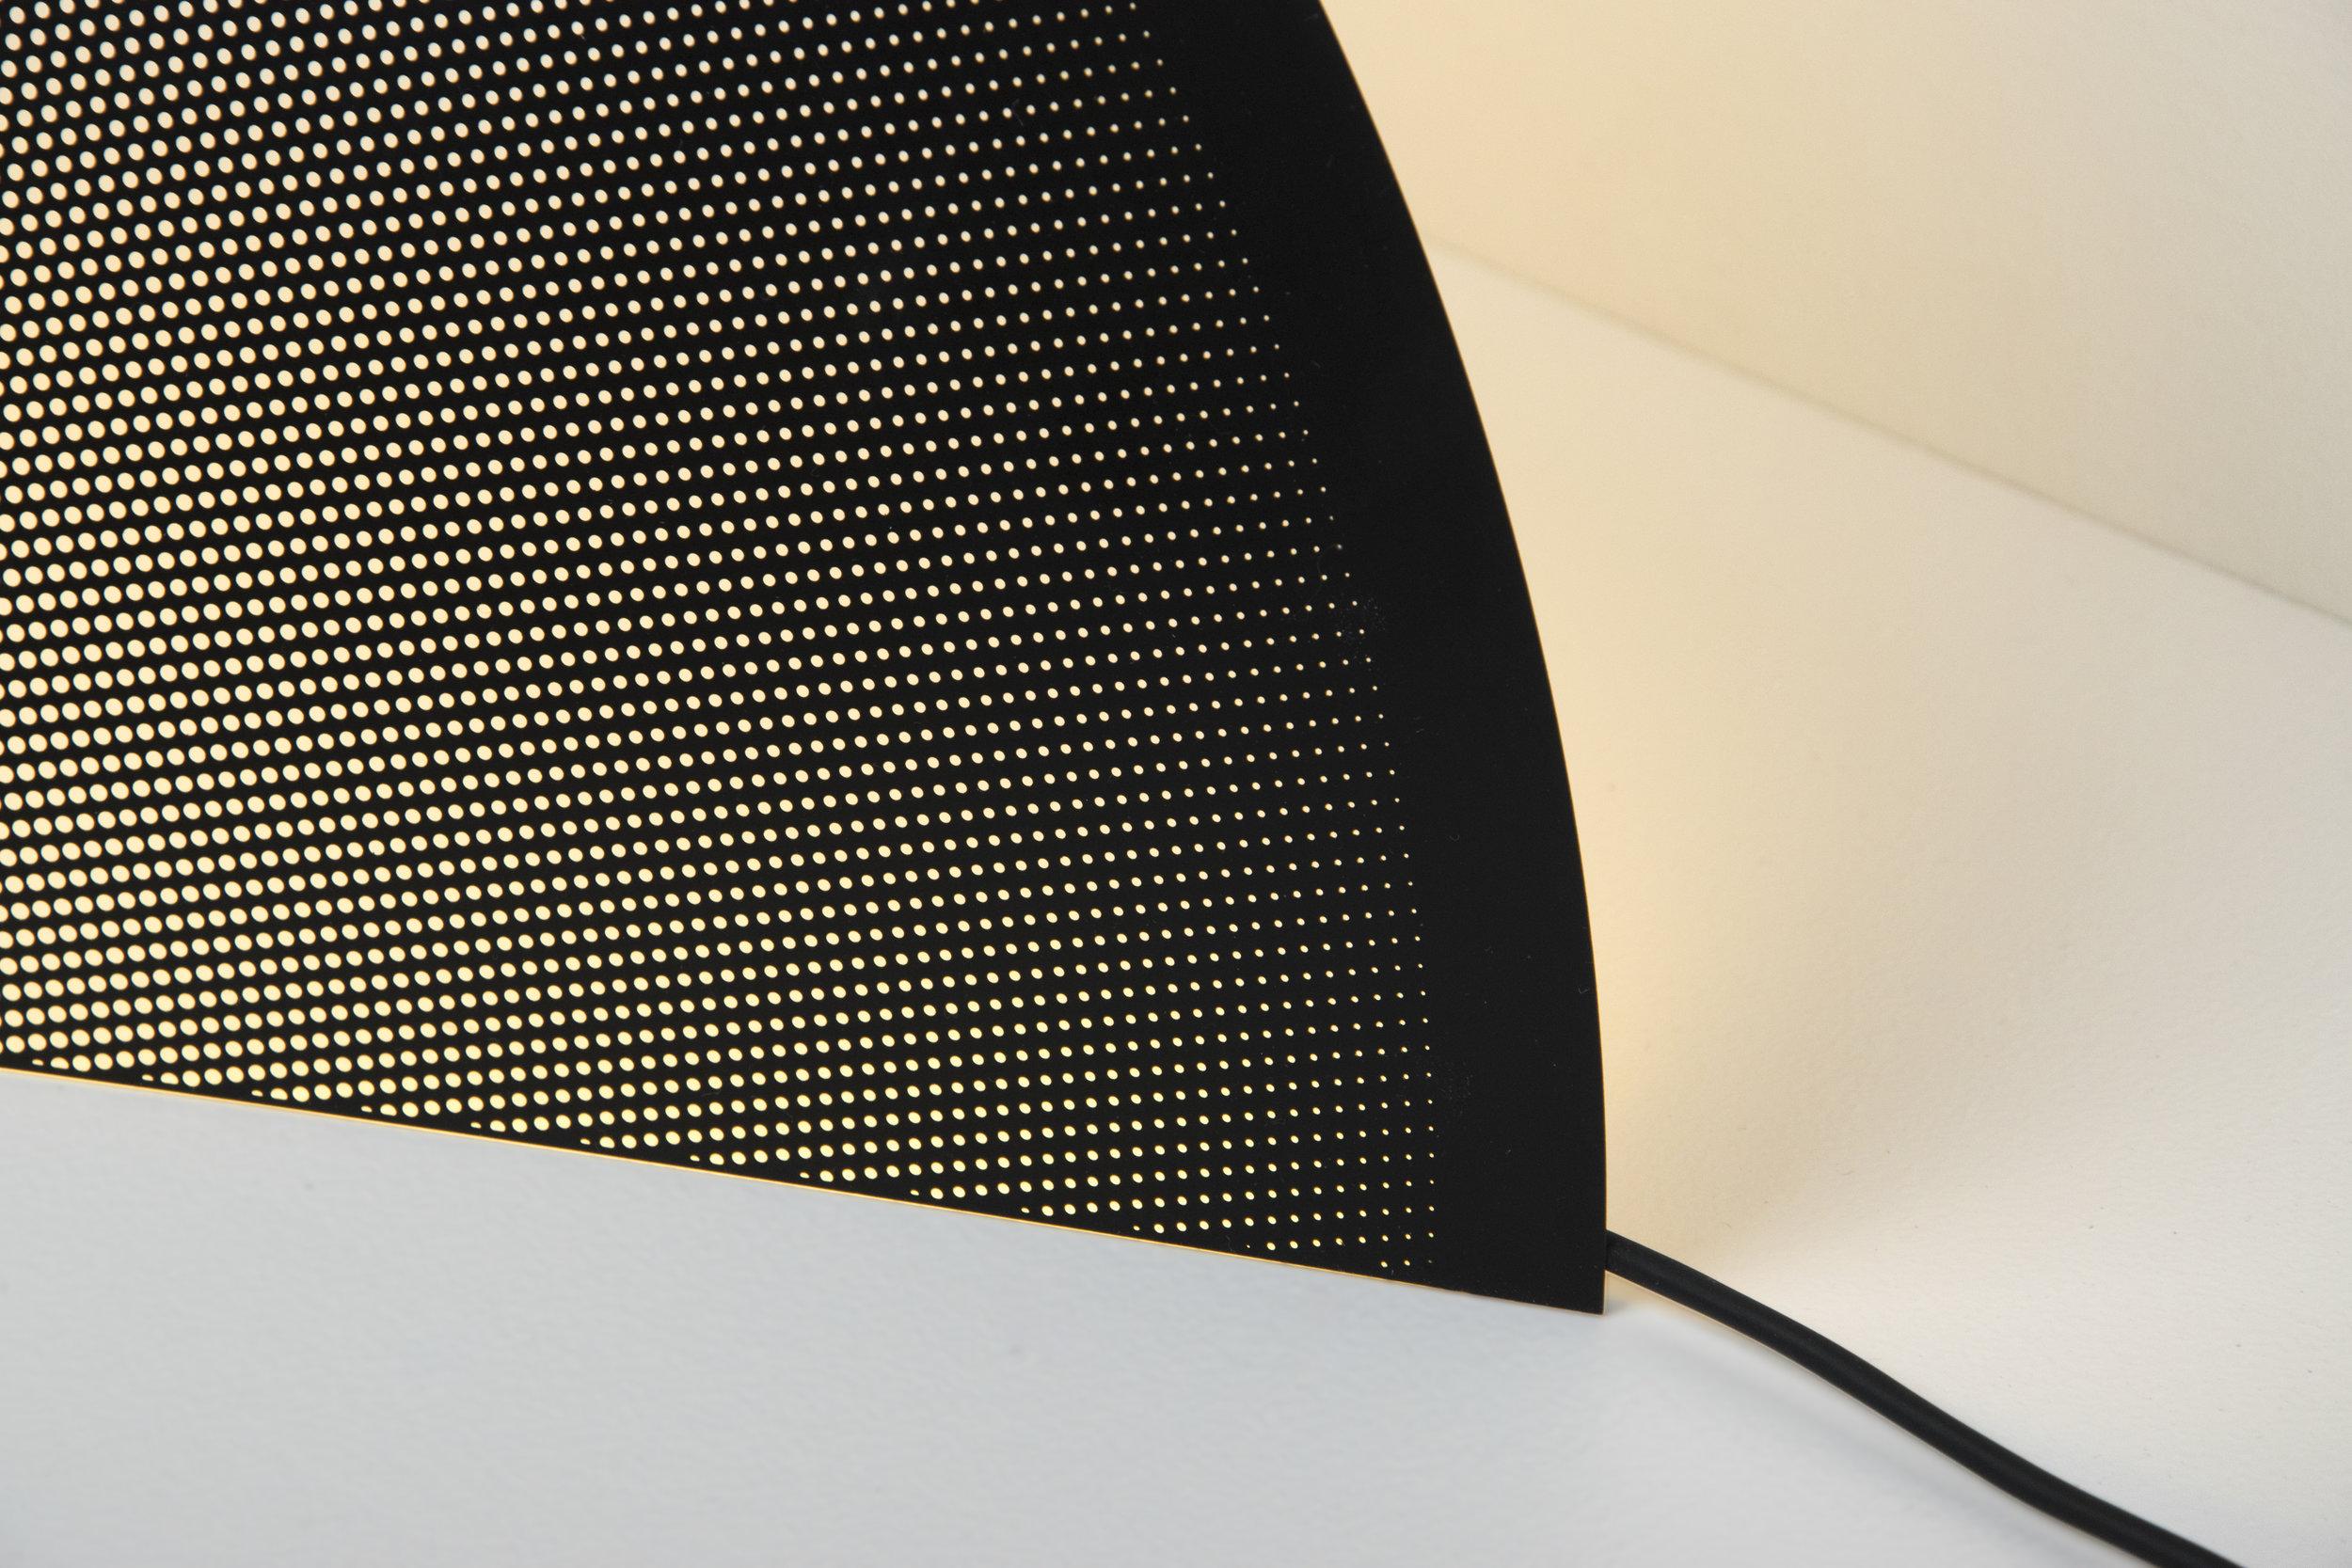 Lucid Table Light - detail2 - David Derksen Design.jpg